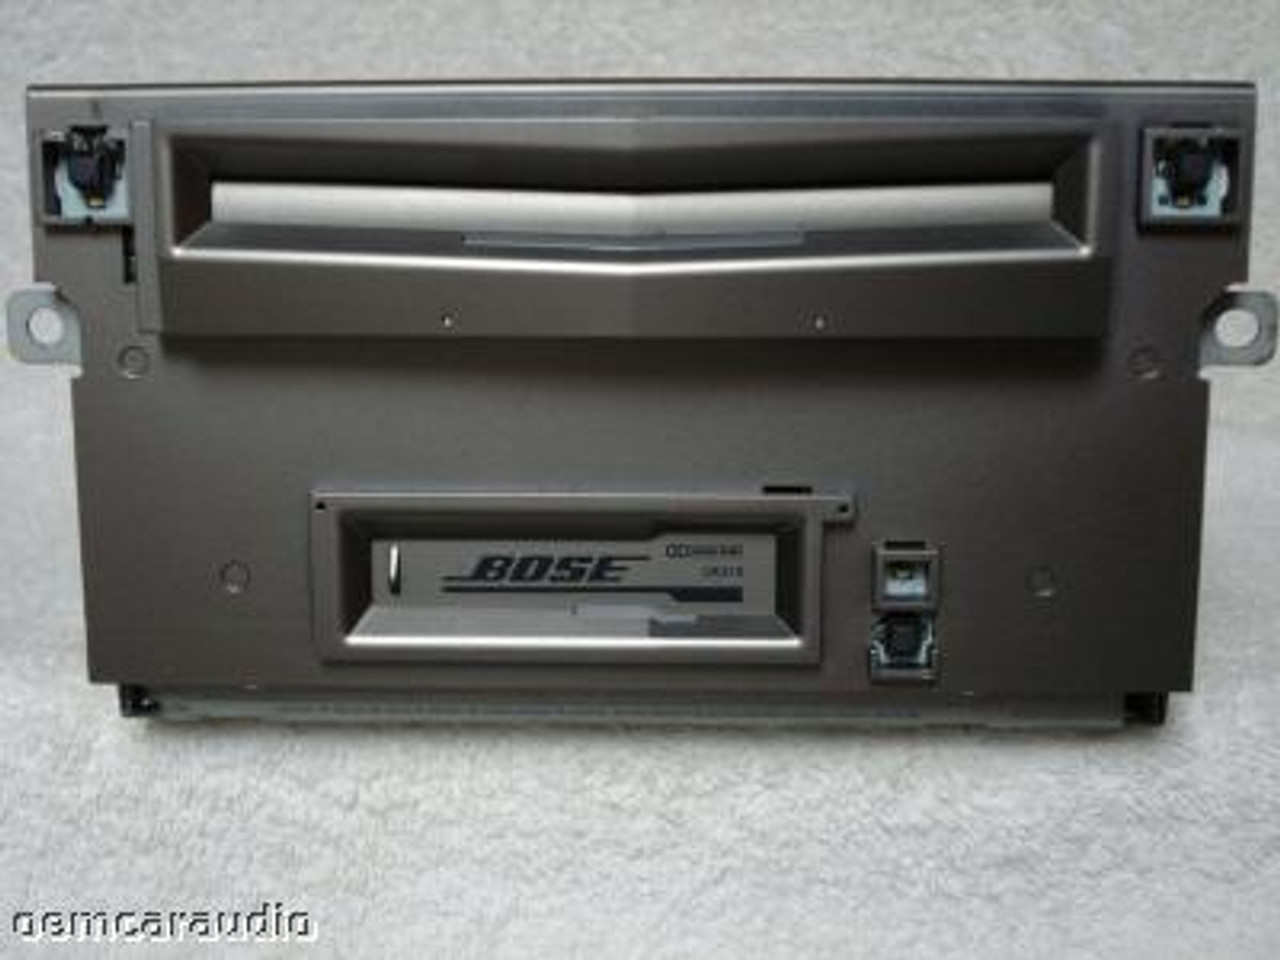 2005 nissan maxima stereo